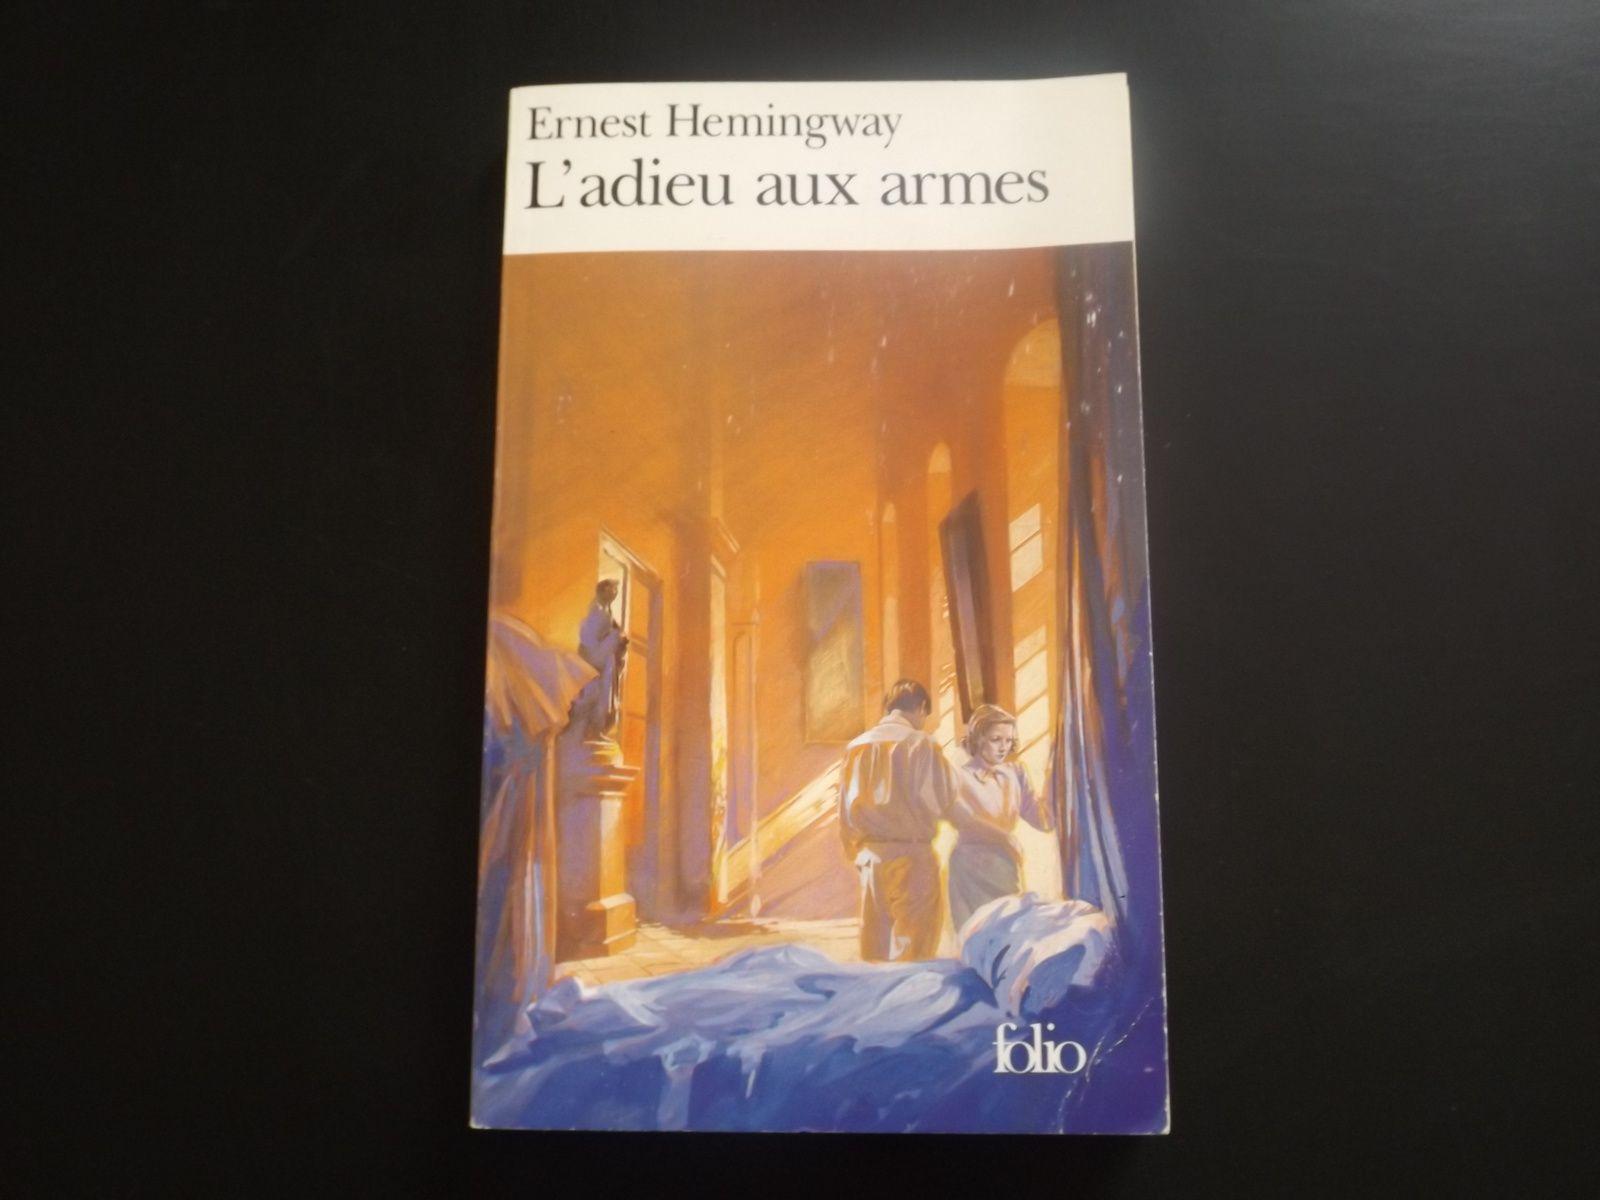 L'Adieu aux armes, Ernest Hemingway